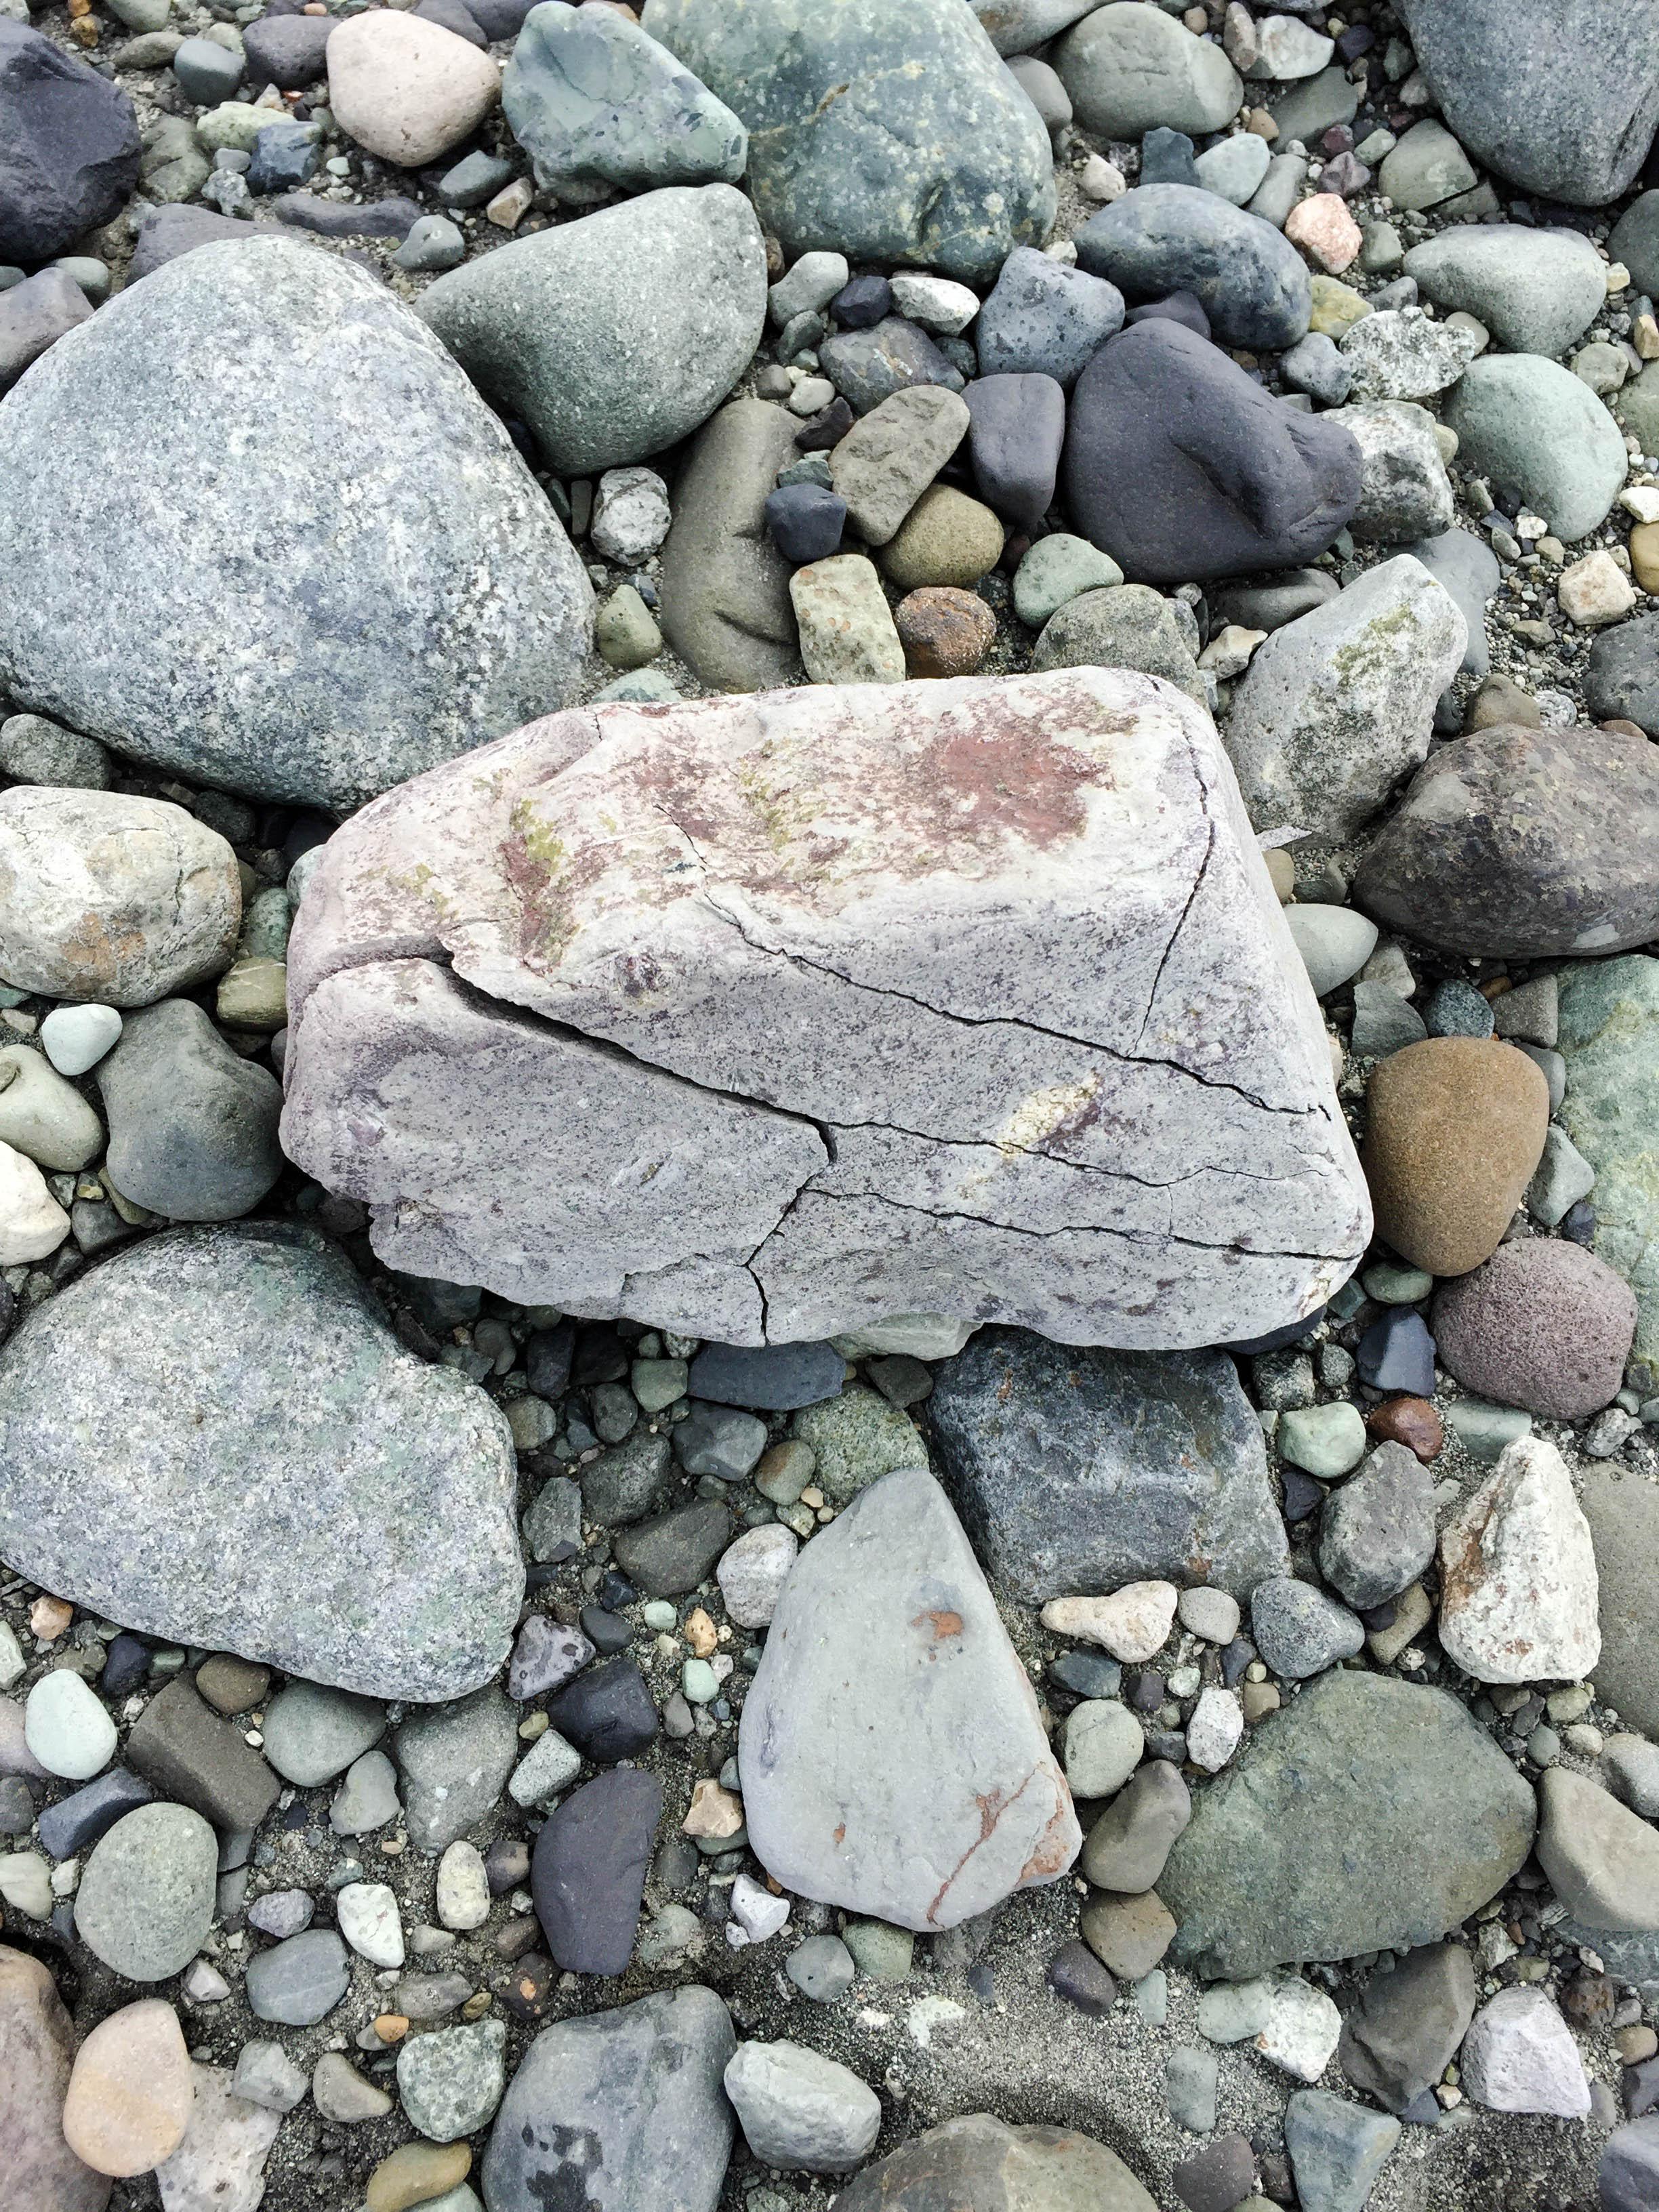 glacier_rock-24.jpg